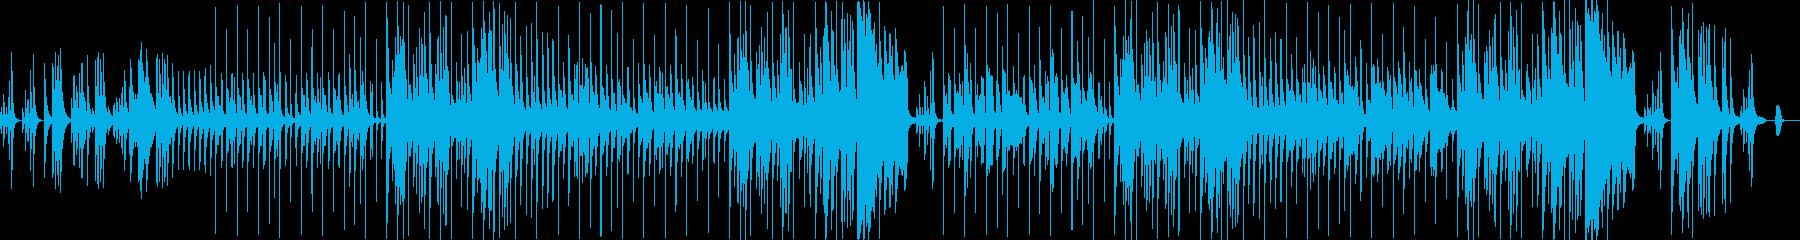 気まぐれな子供の音楽。ビデオゲーム...の再生済みの波形